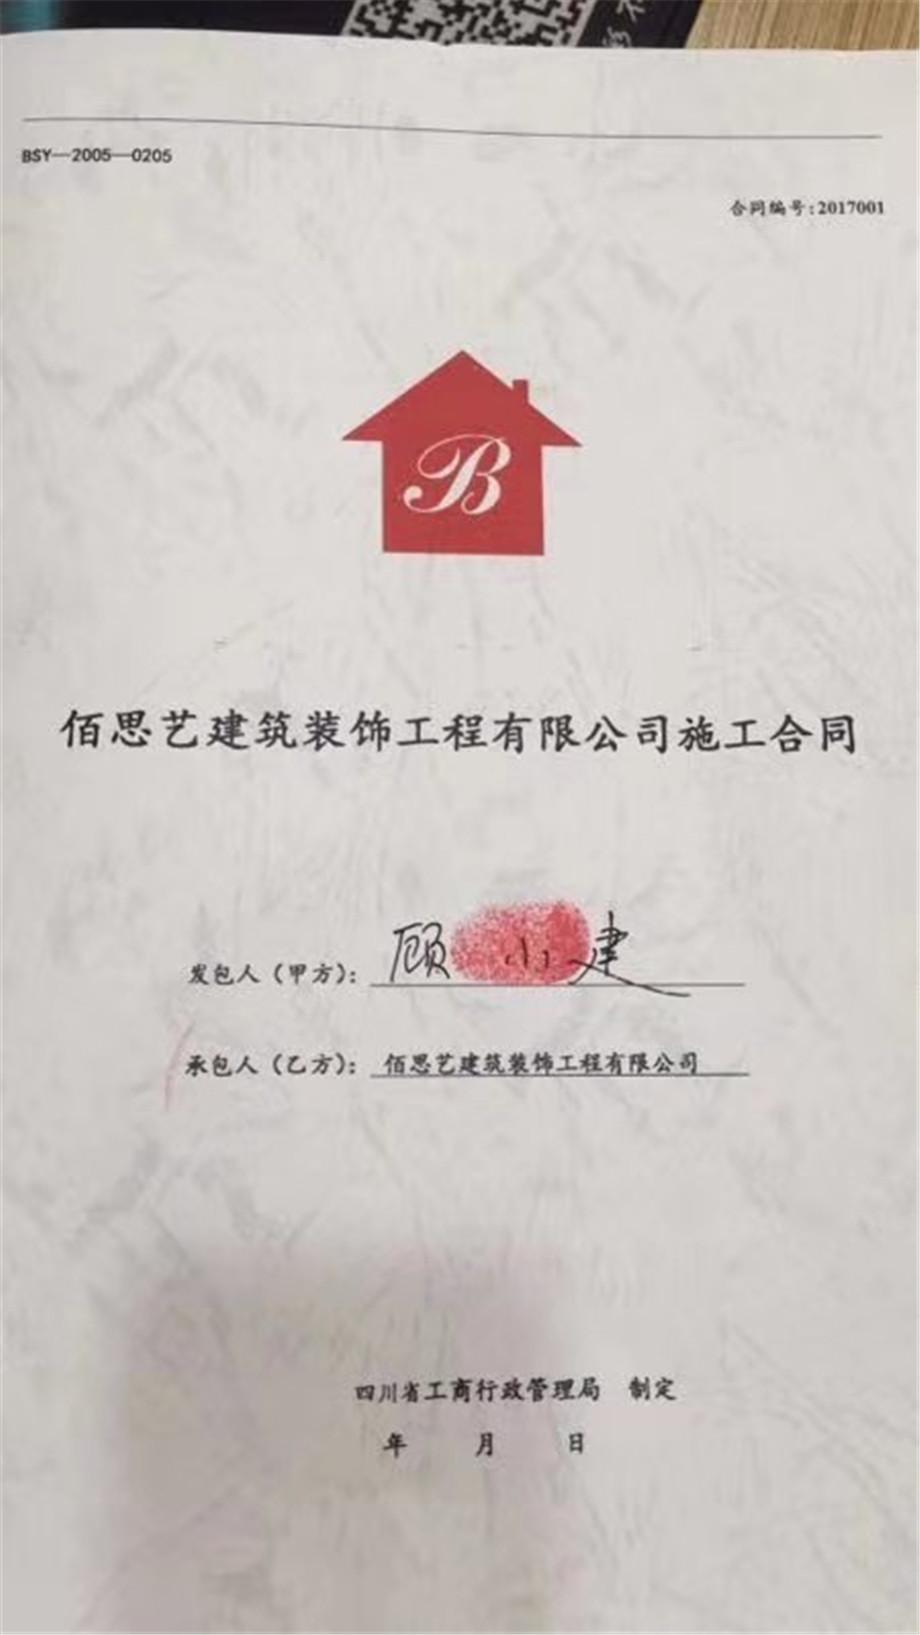 恭喜长安小区顾先生签单成功